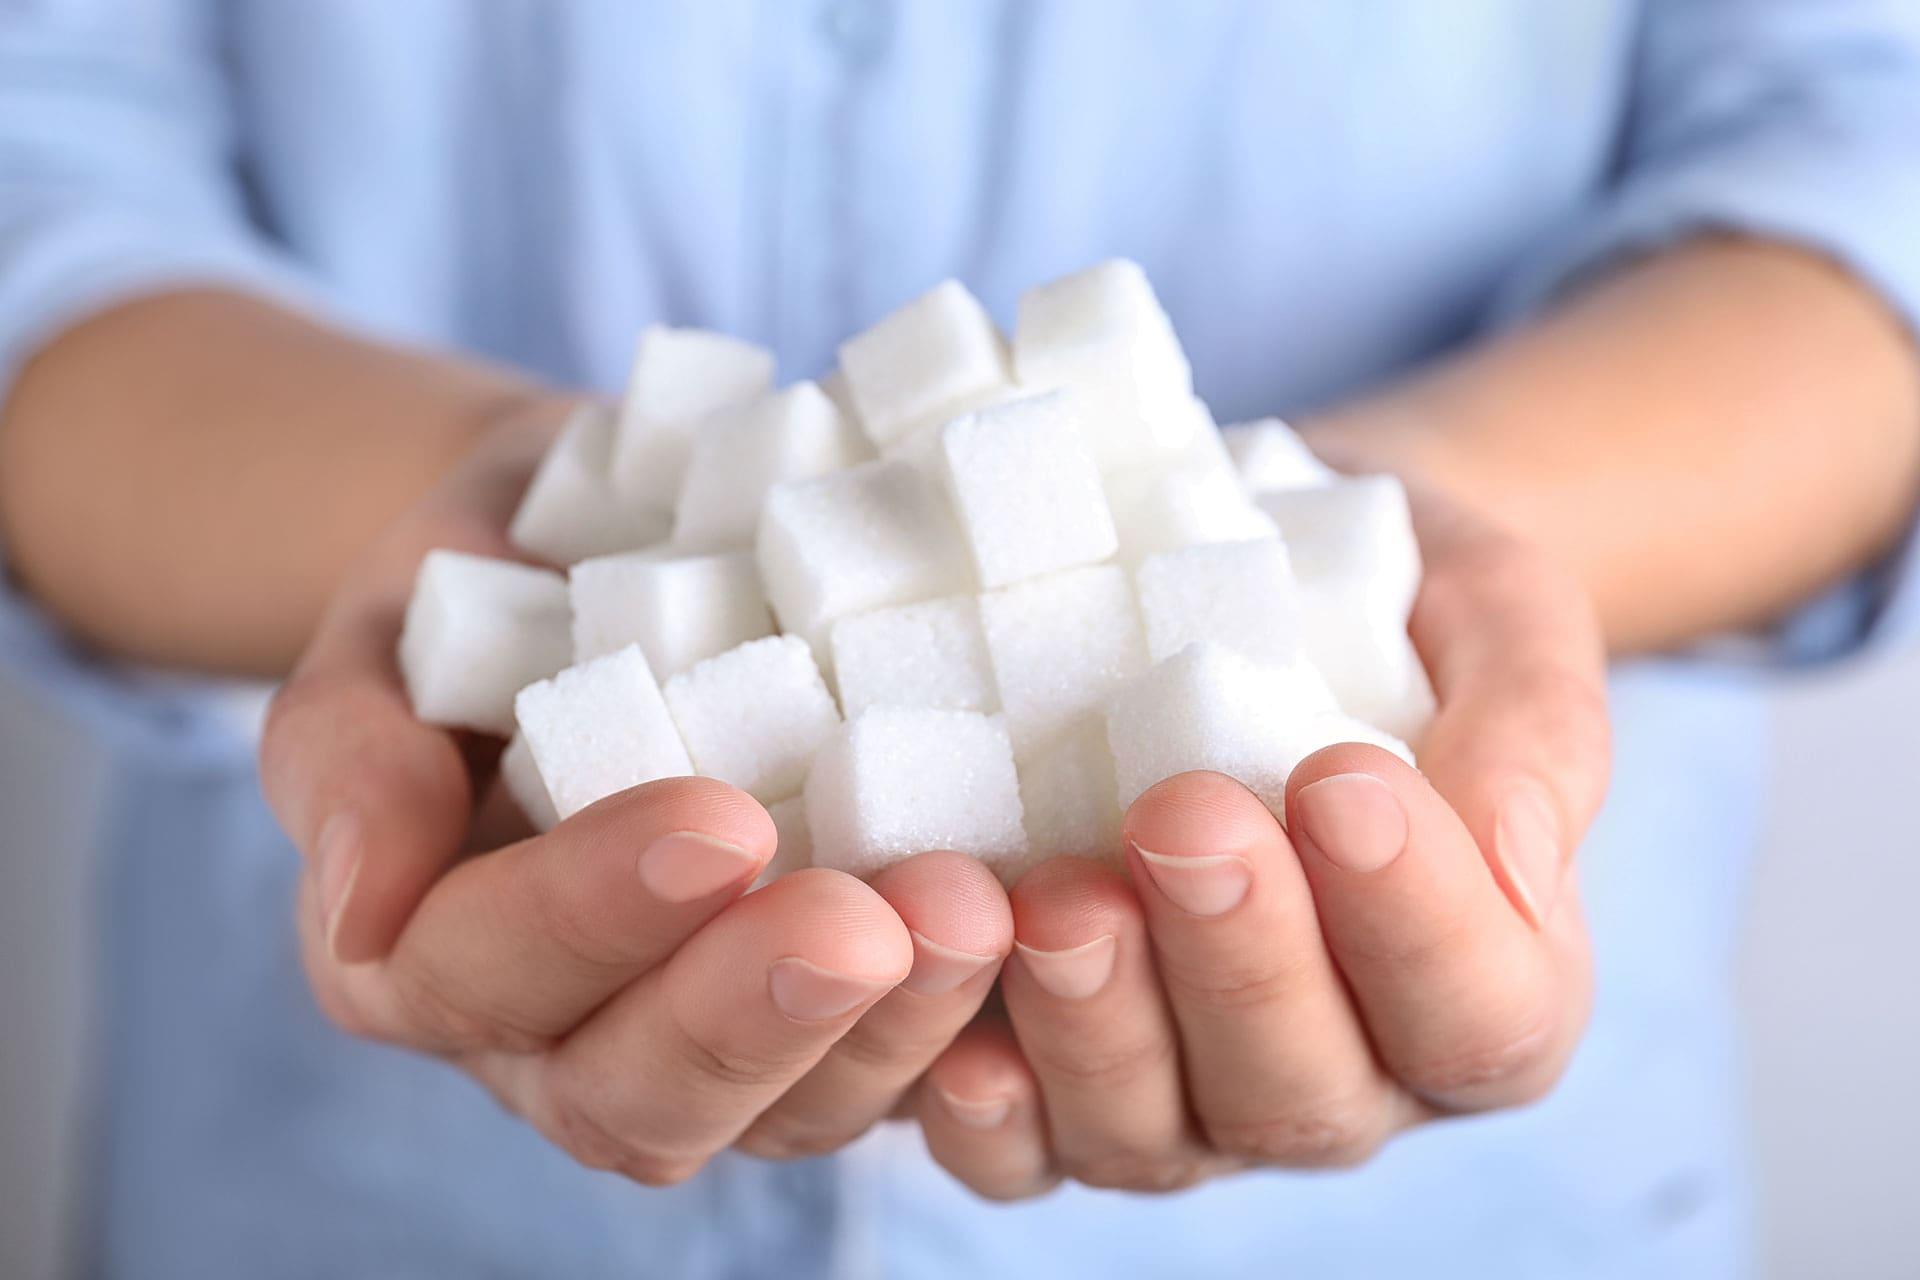 Dlaczego cukier jest kontrowersyjny?